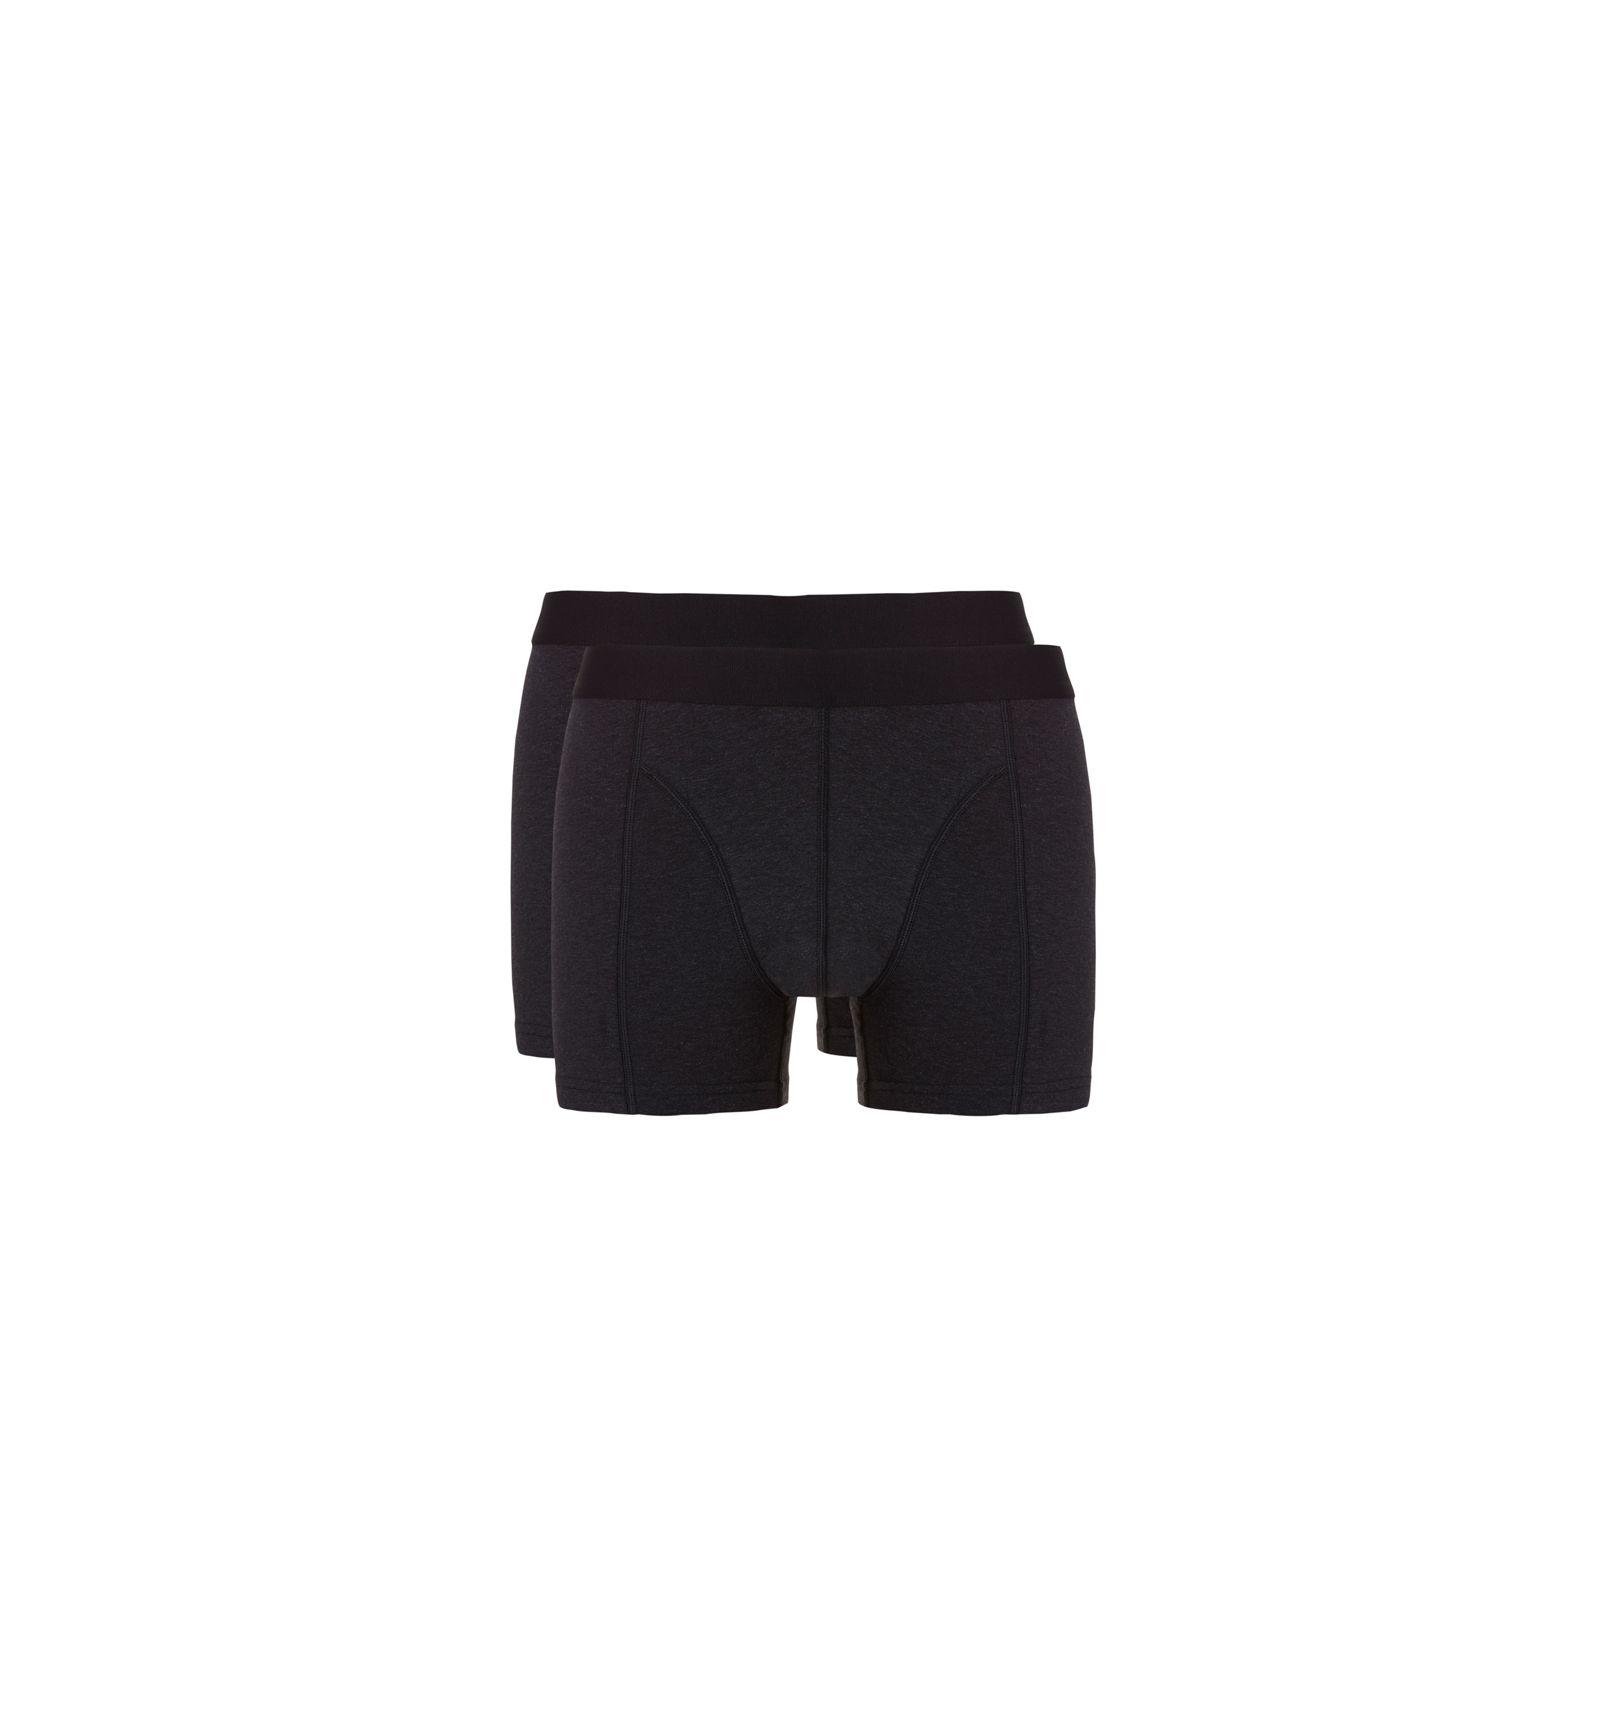 Ten Cate Fine Men Shorts Black Melee